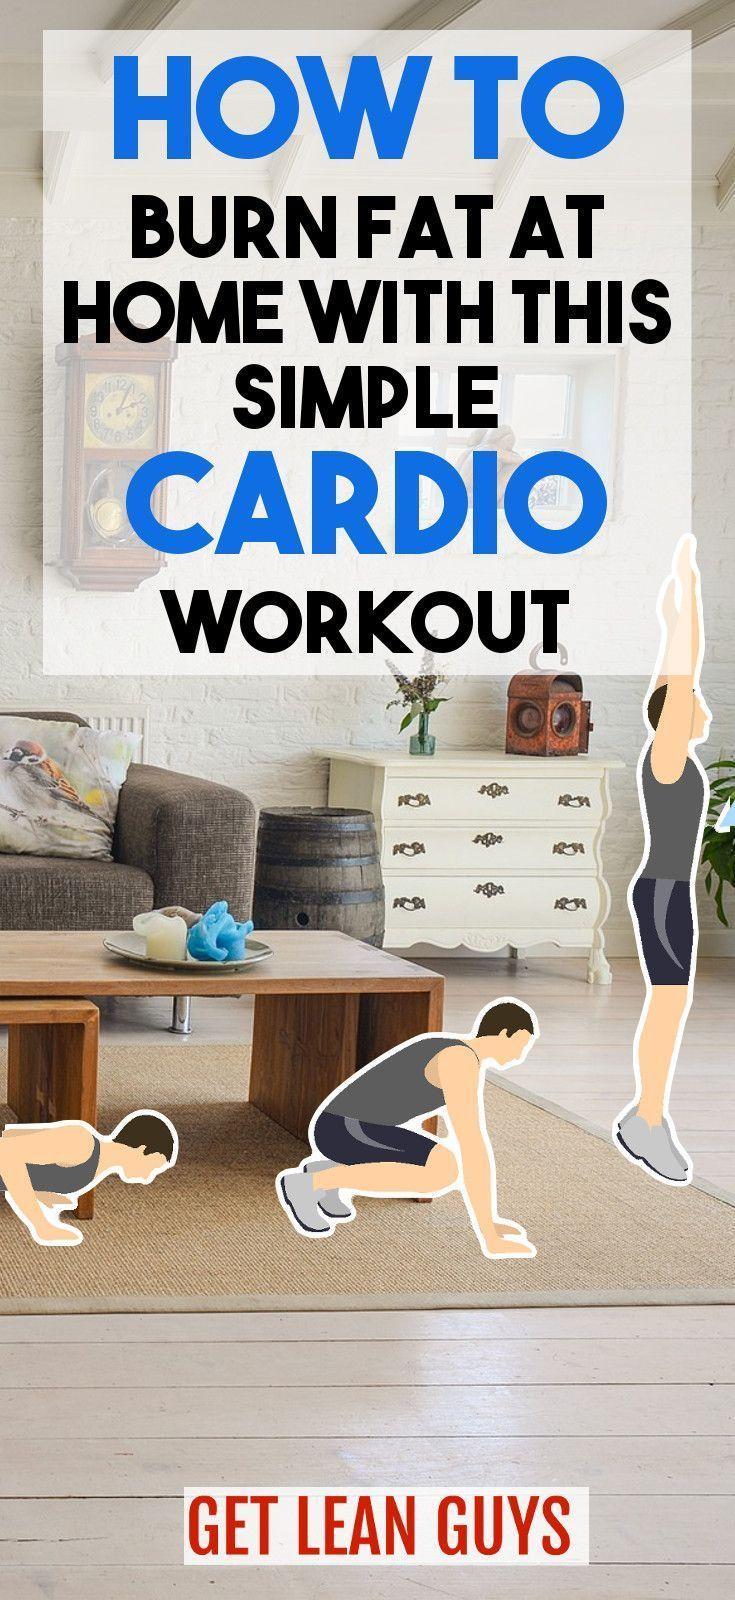 Wie man mit Cardio schnell Gewicht verliert